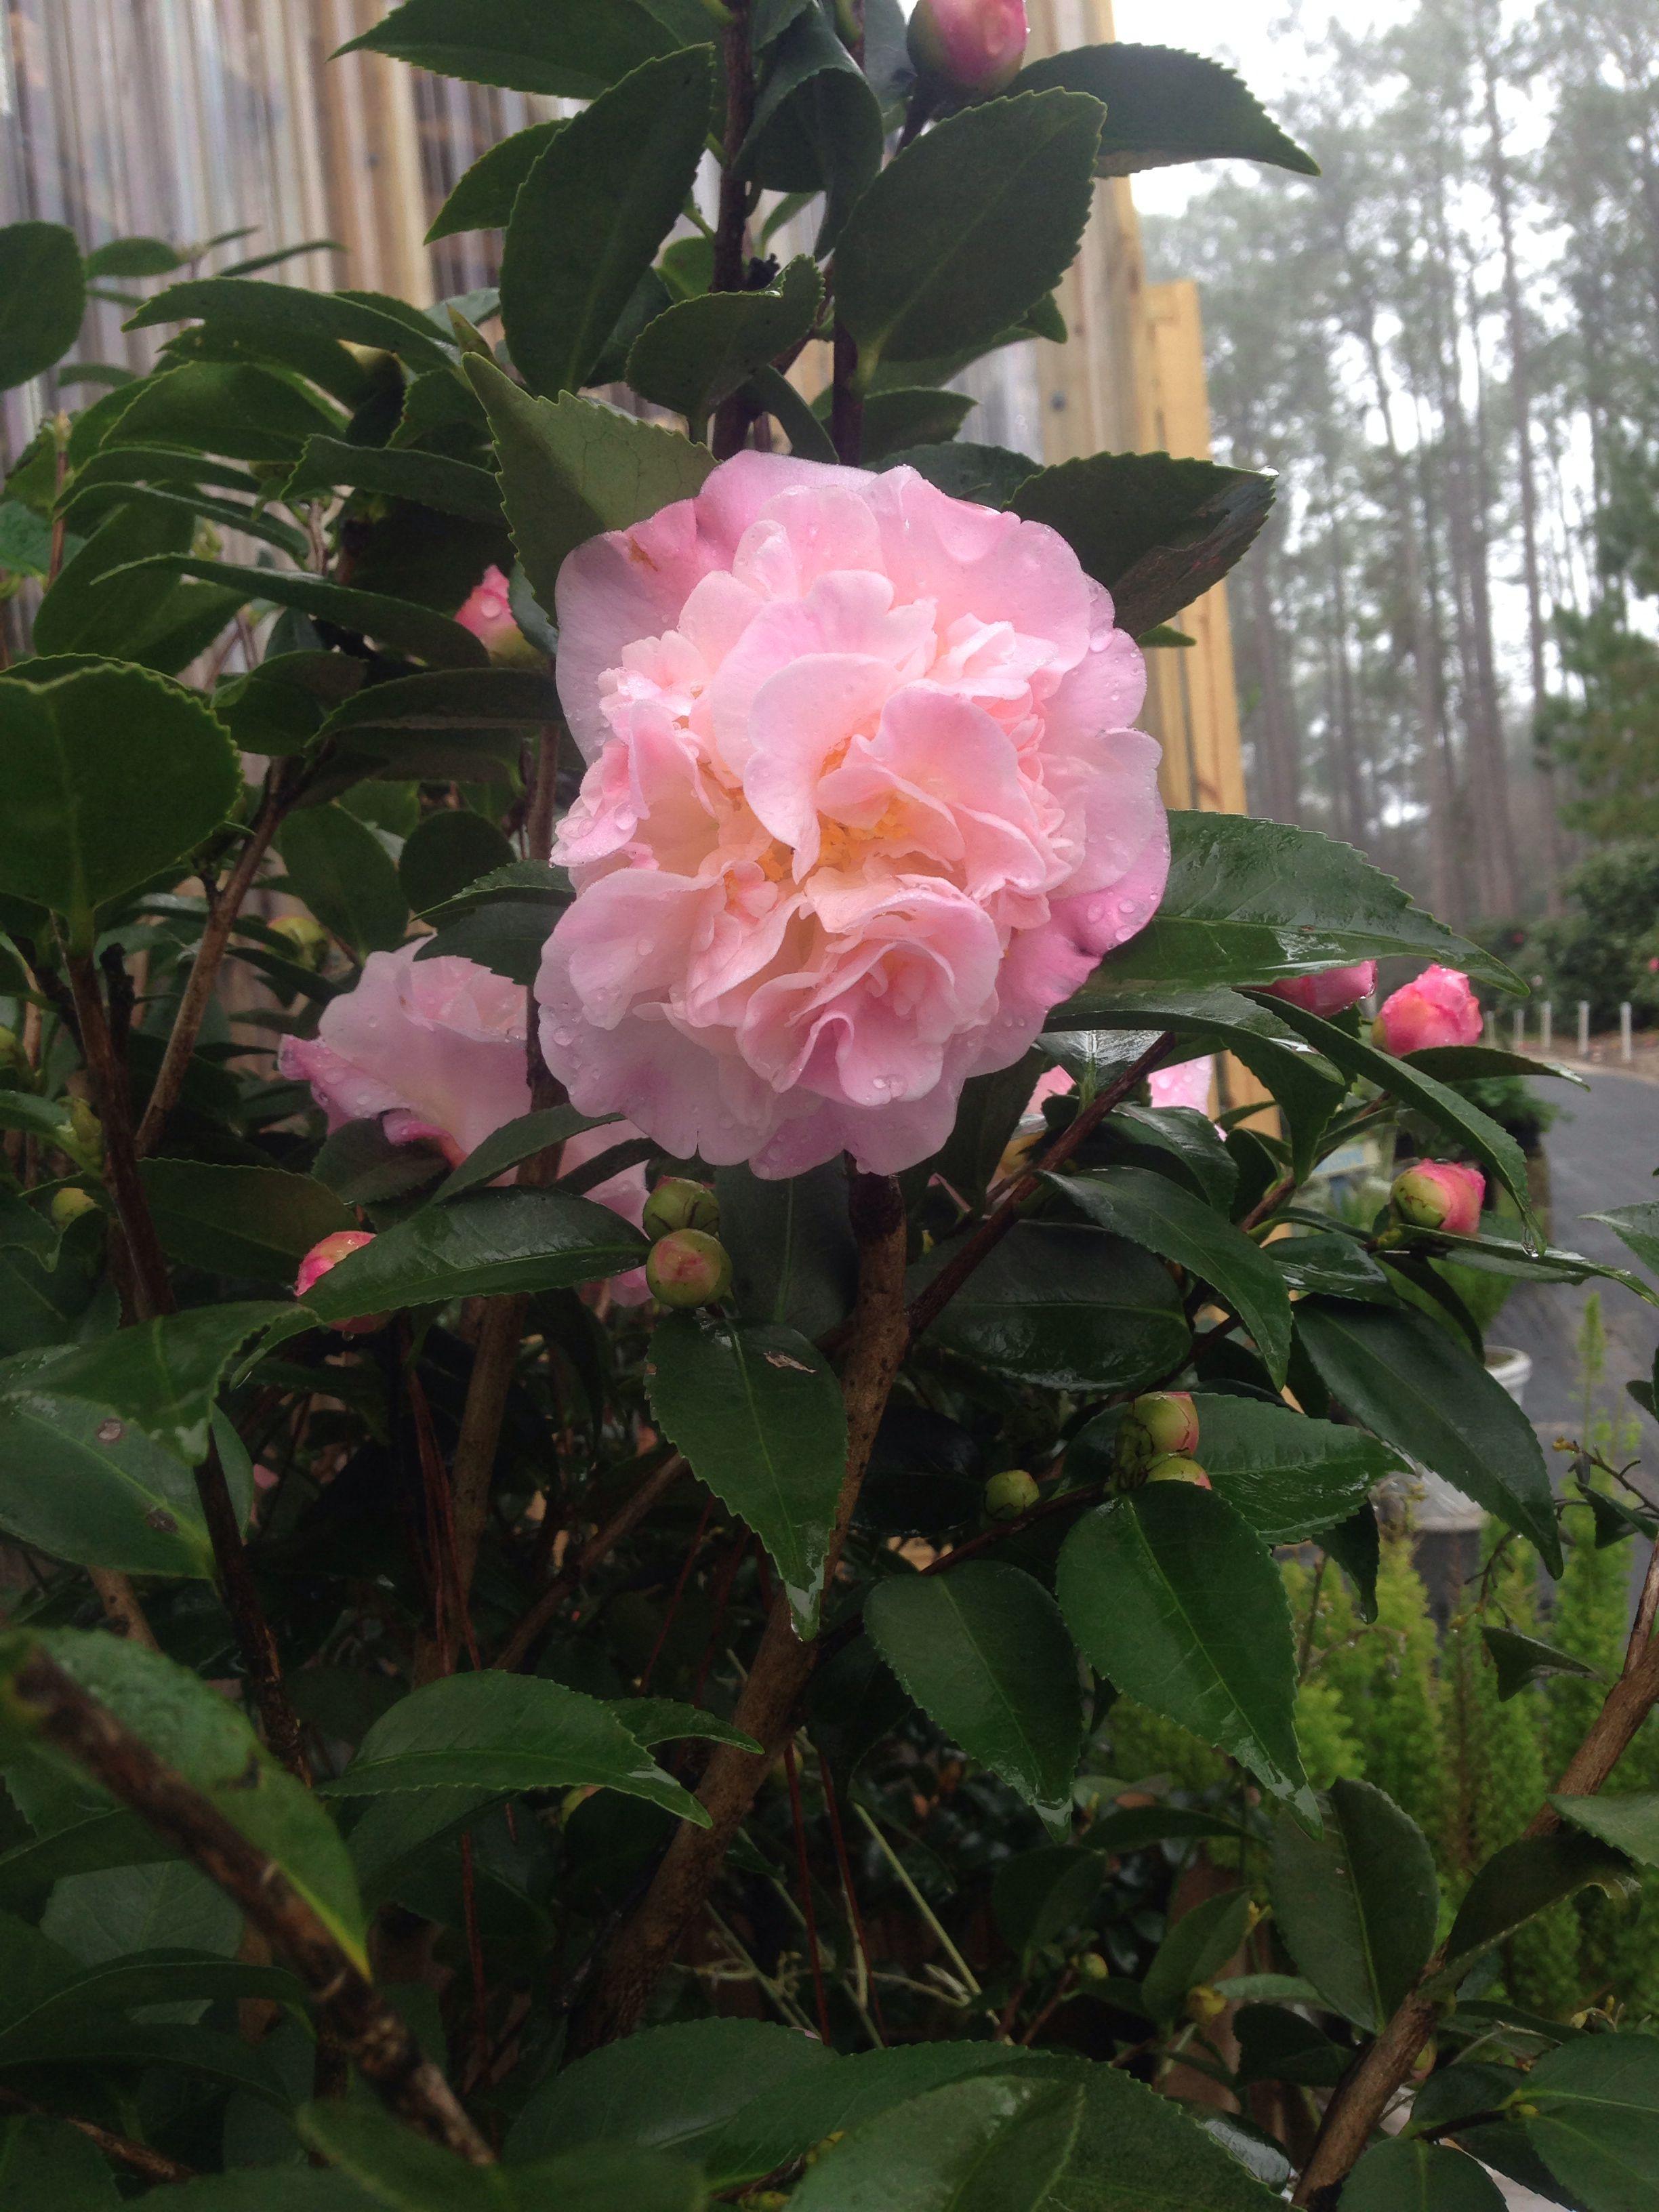 Camellia High Fragrance Bob Wines Camellia Gardens Ocala Fl Shade Garden Floral Wreath Floral